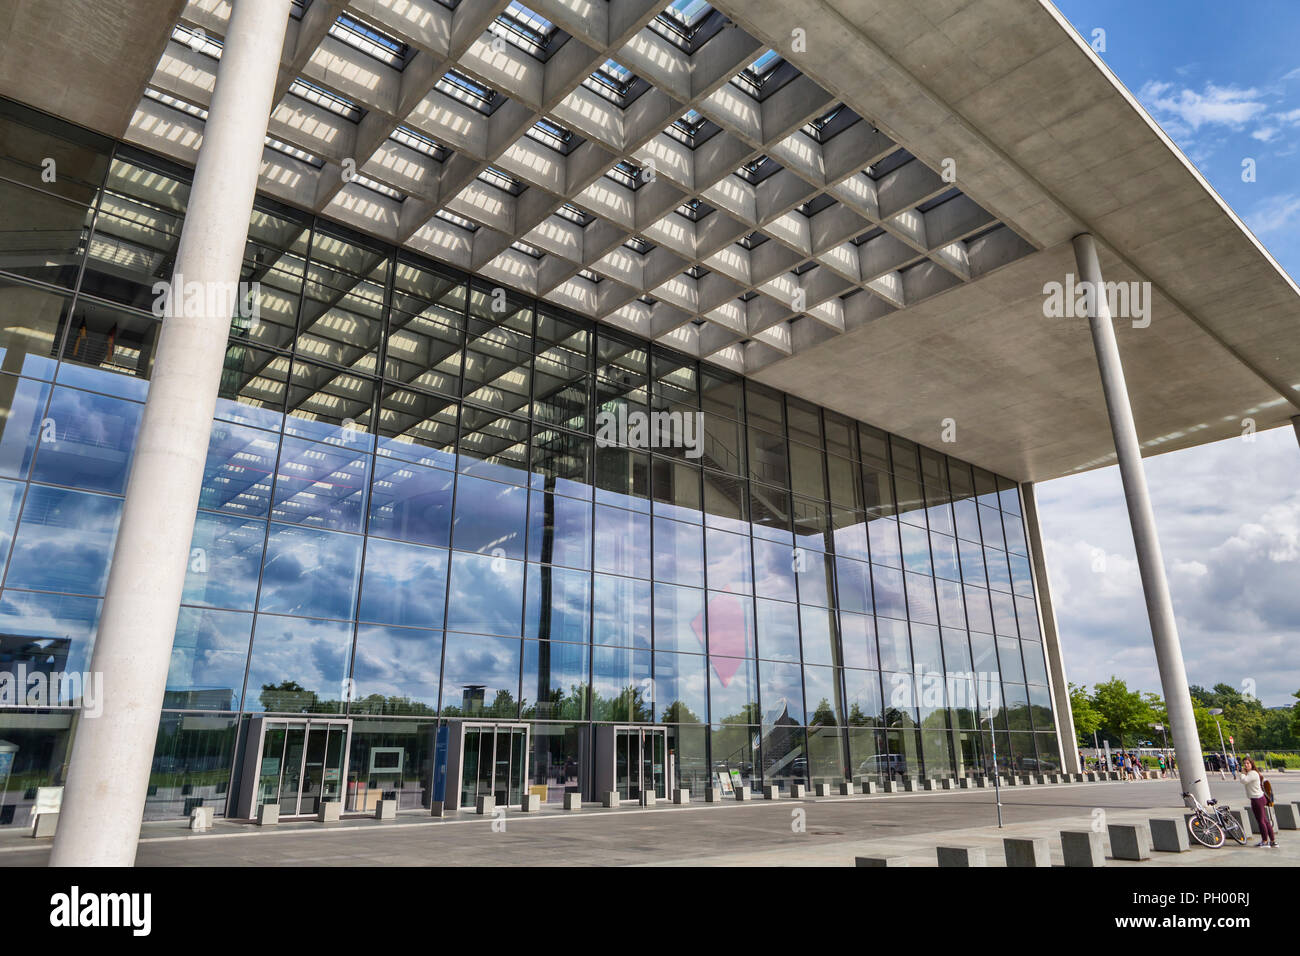 Moderne Verwaltungsgebäude, Band des Bundes, Berlin, Deutschland Stockbild